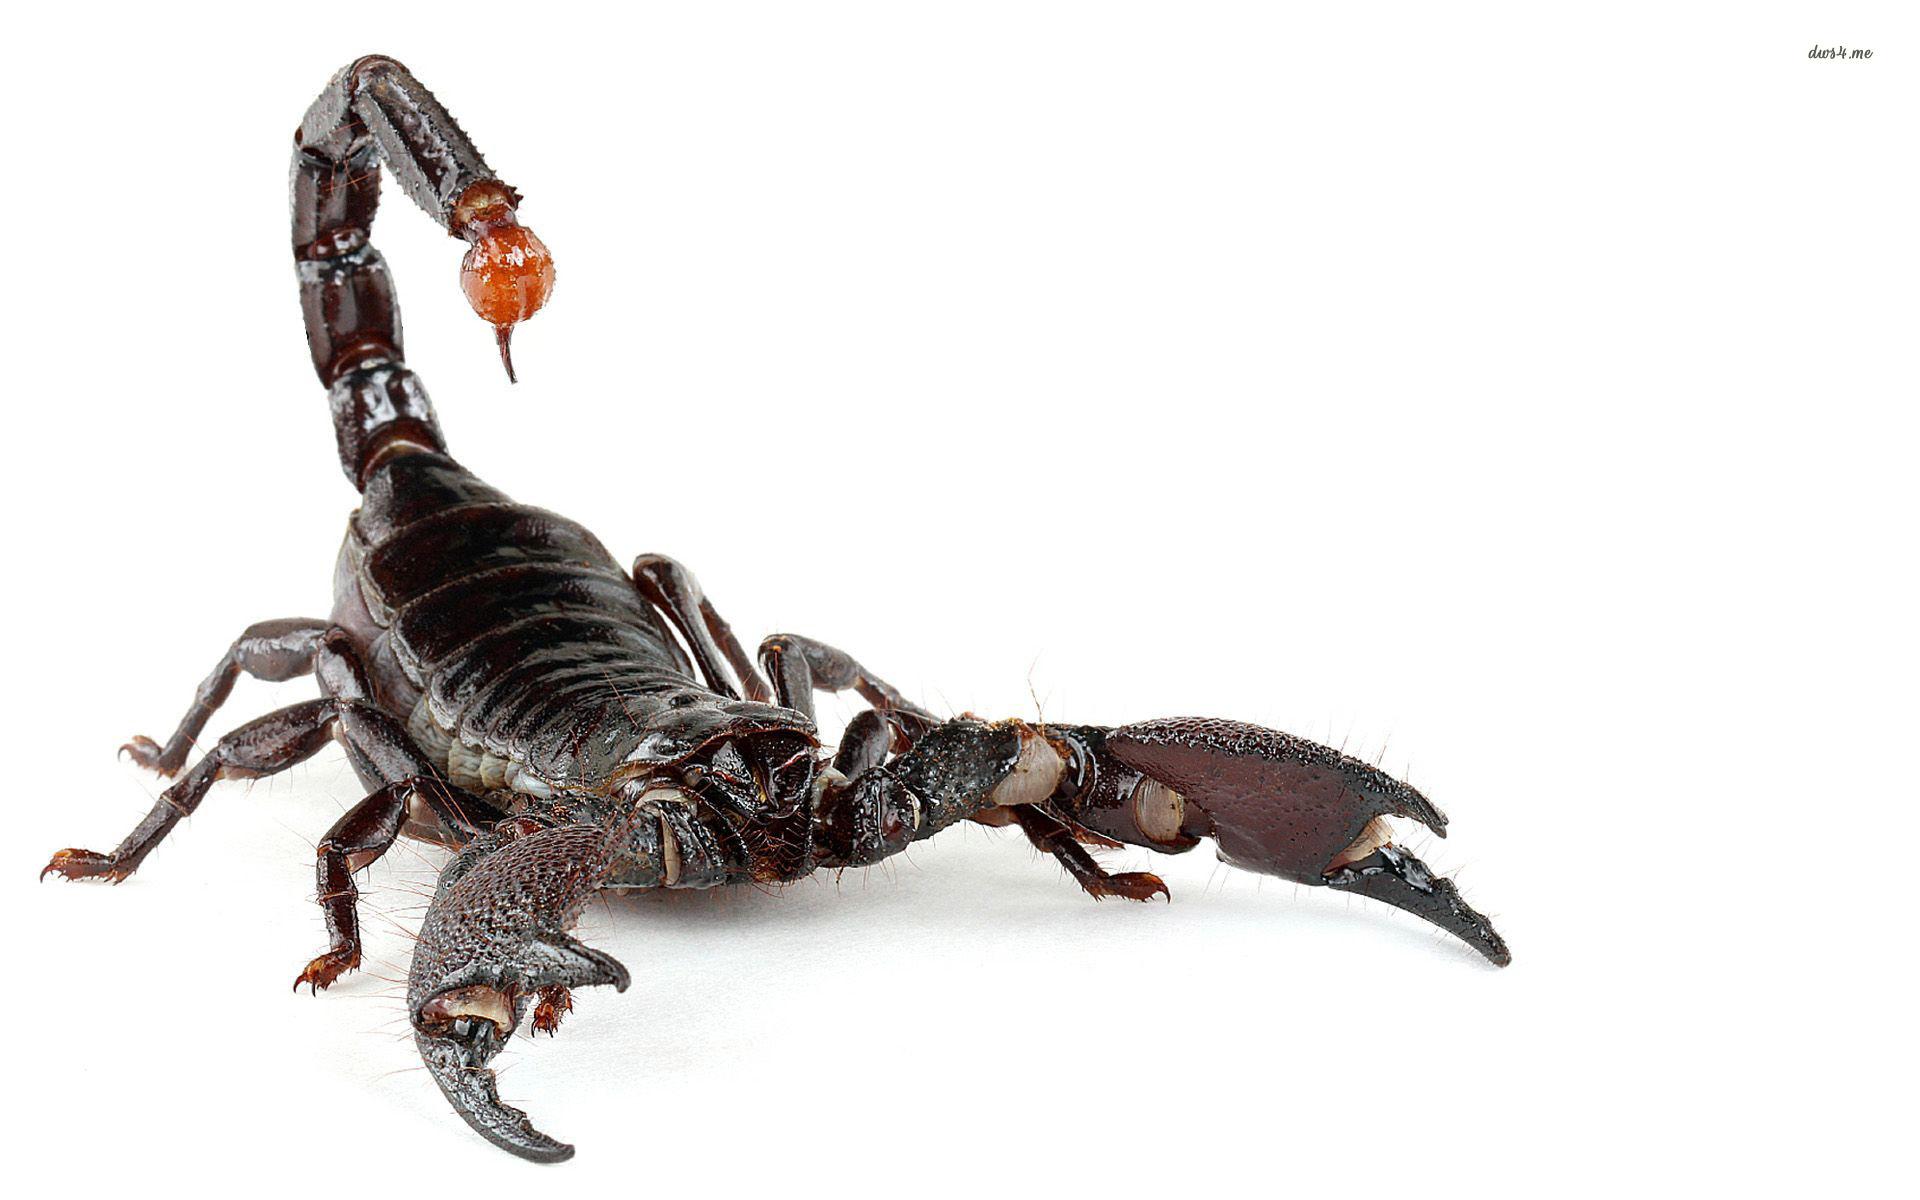 Traitement de piqûres de scorpion et morsures  de vipère, entre remèdes traditionnels et modernes